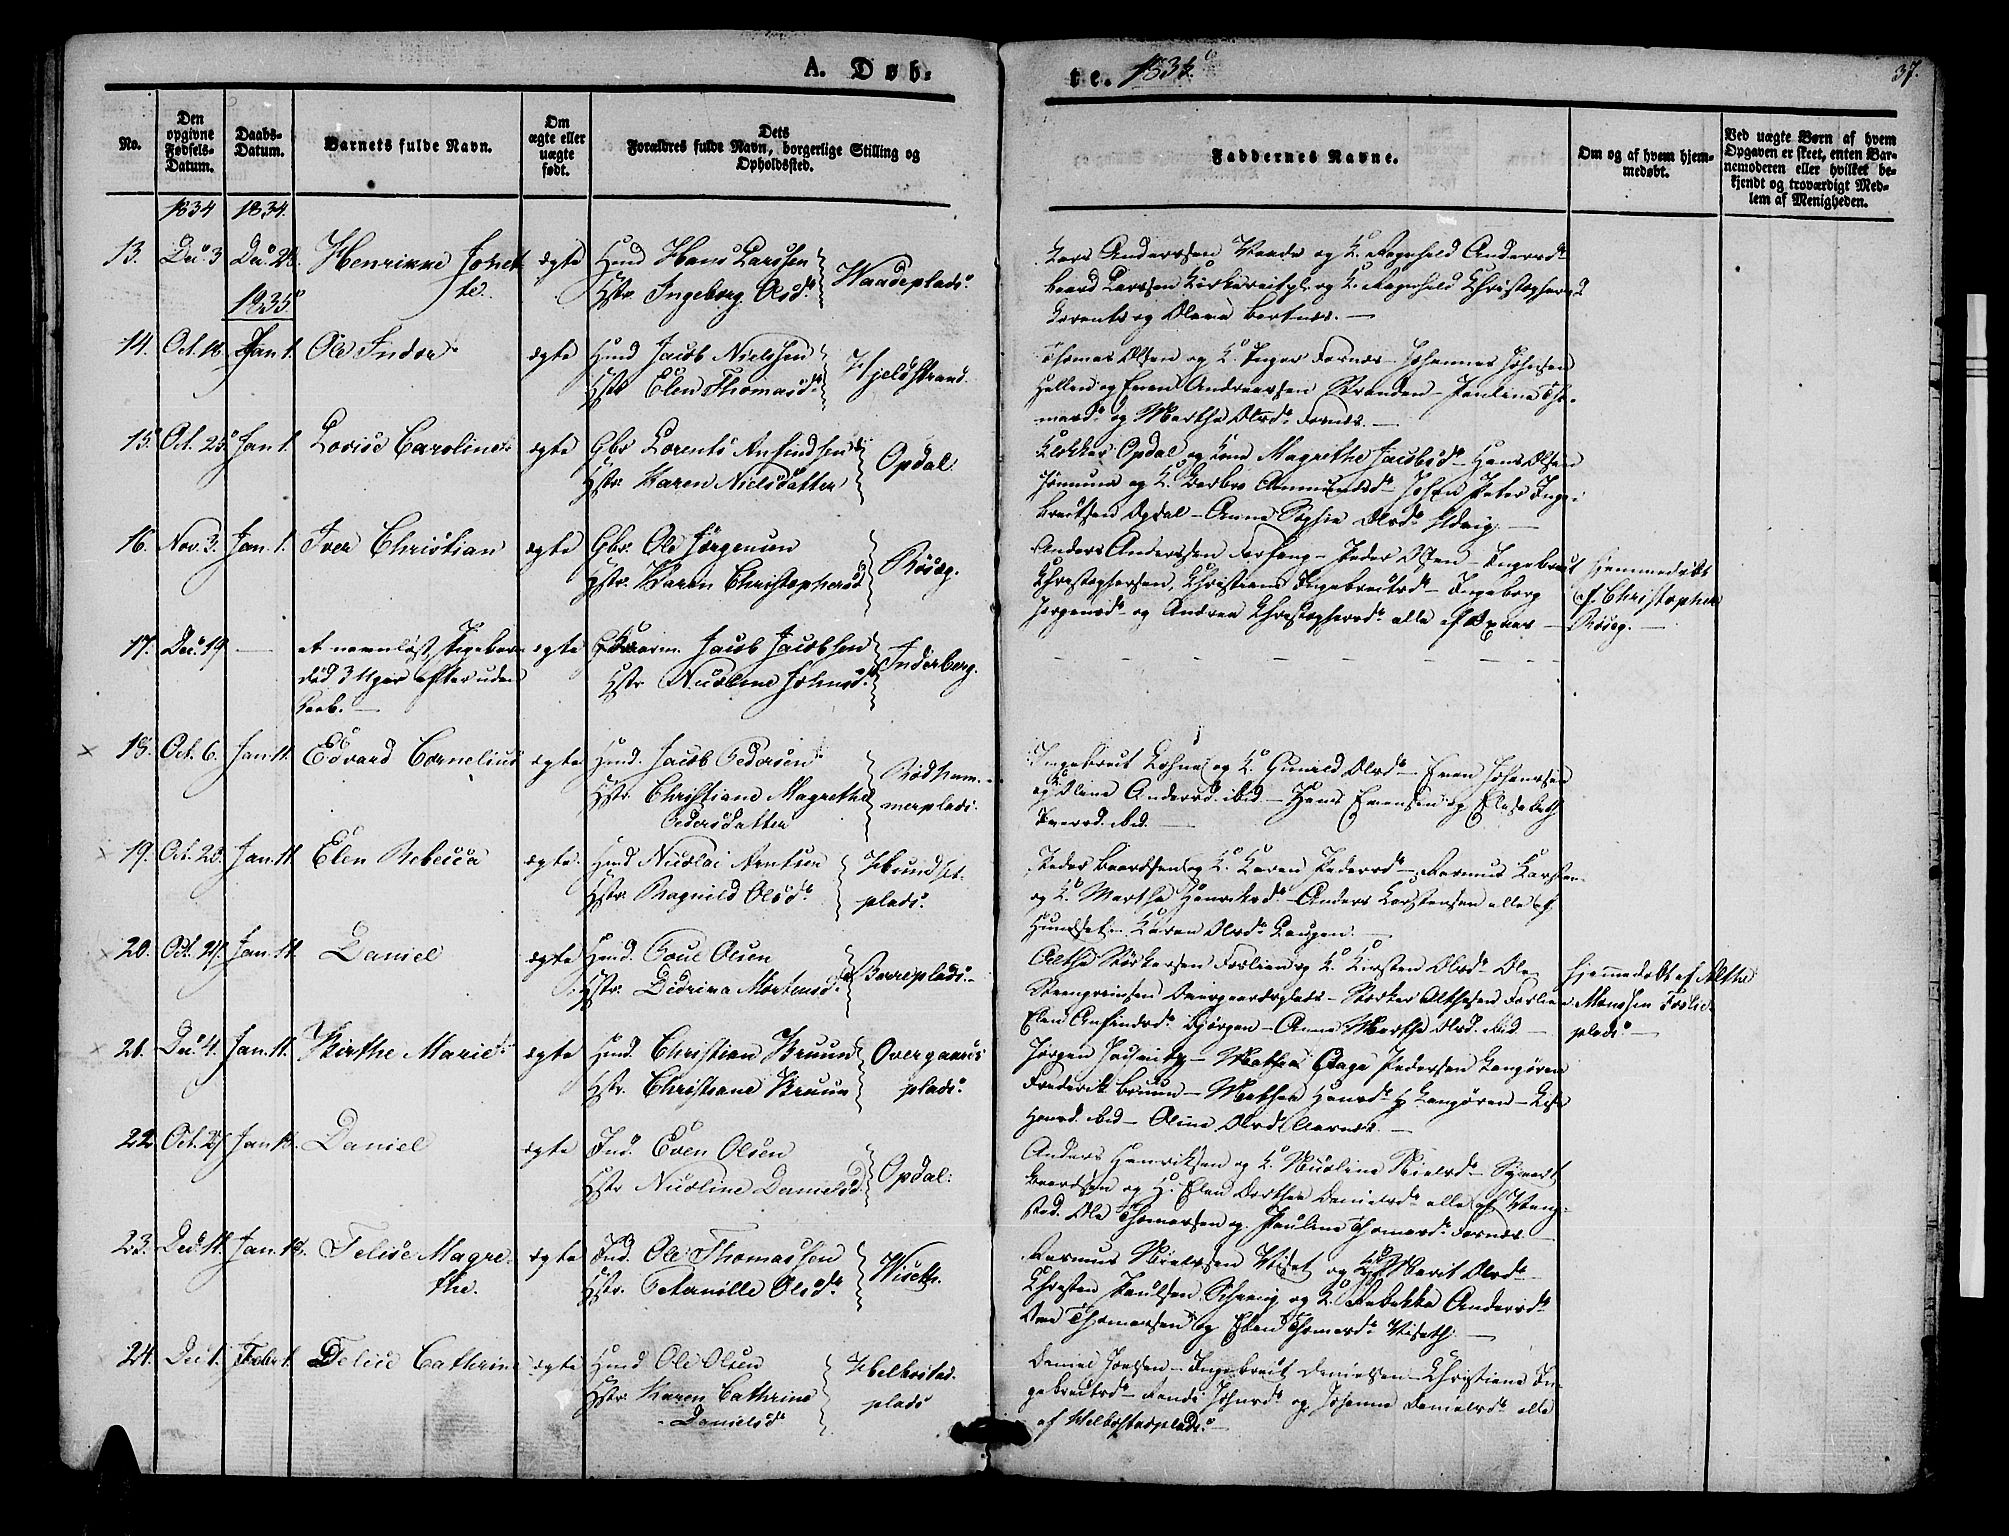 SAT, Ministerialprotokoller, klokkerbøker og fødselsregistre - Nord-Trøndelag, 741/L0391: Ministerialbok nr. 741A05, 1831-1836, s. 37